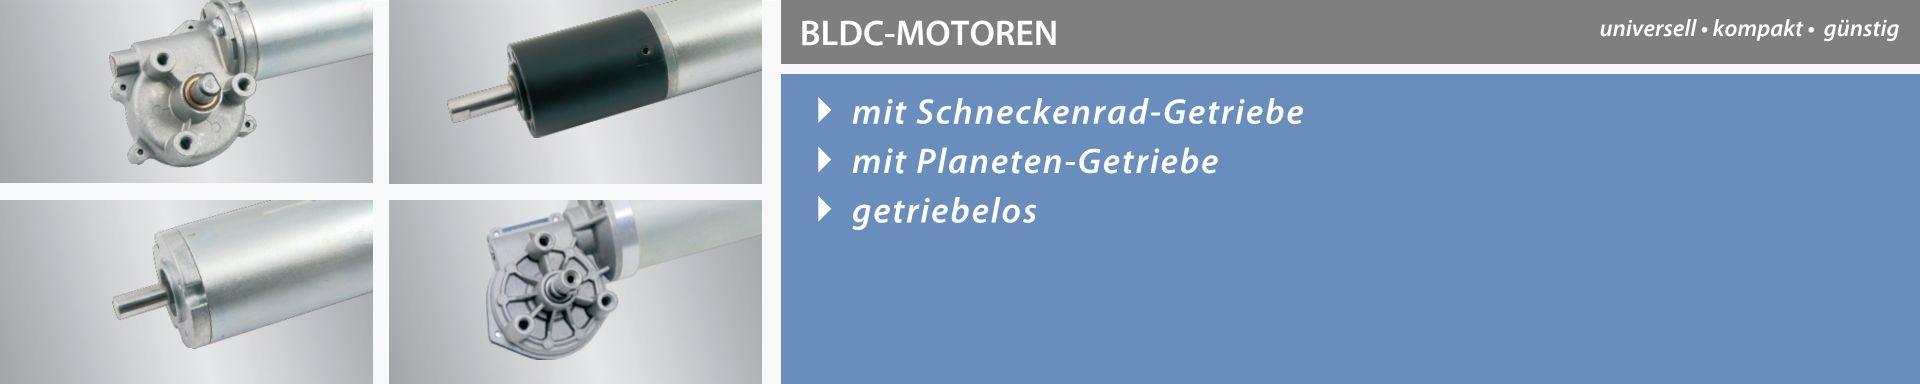 Eine runde Sache - DC und BLDC-Motoren von SEEFRID